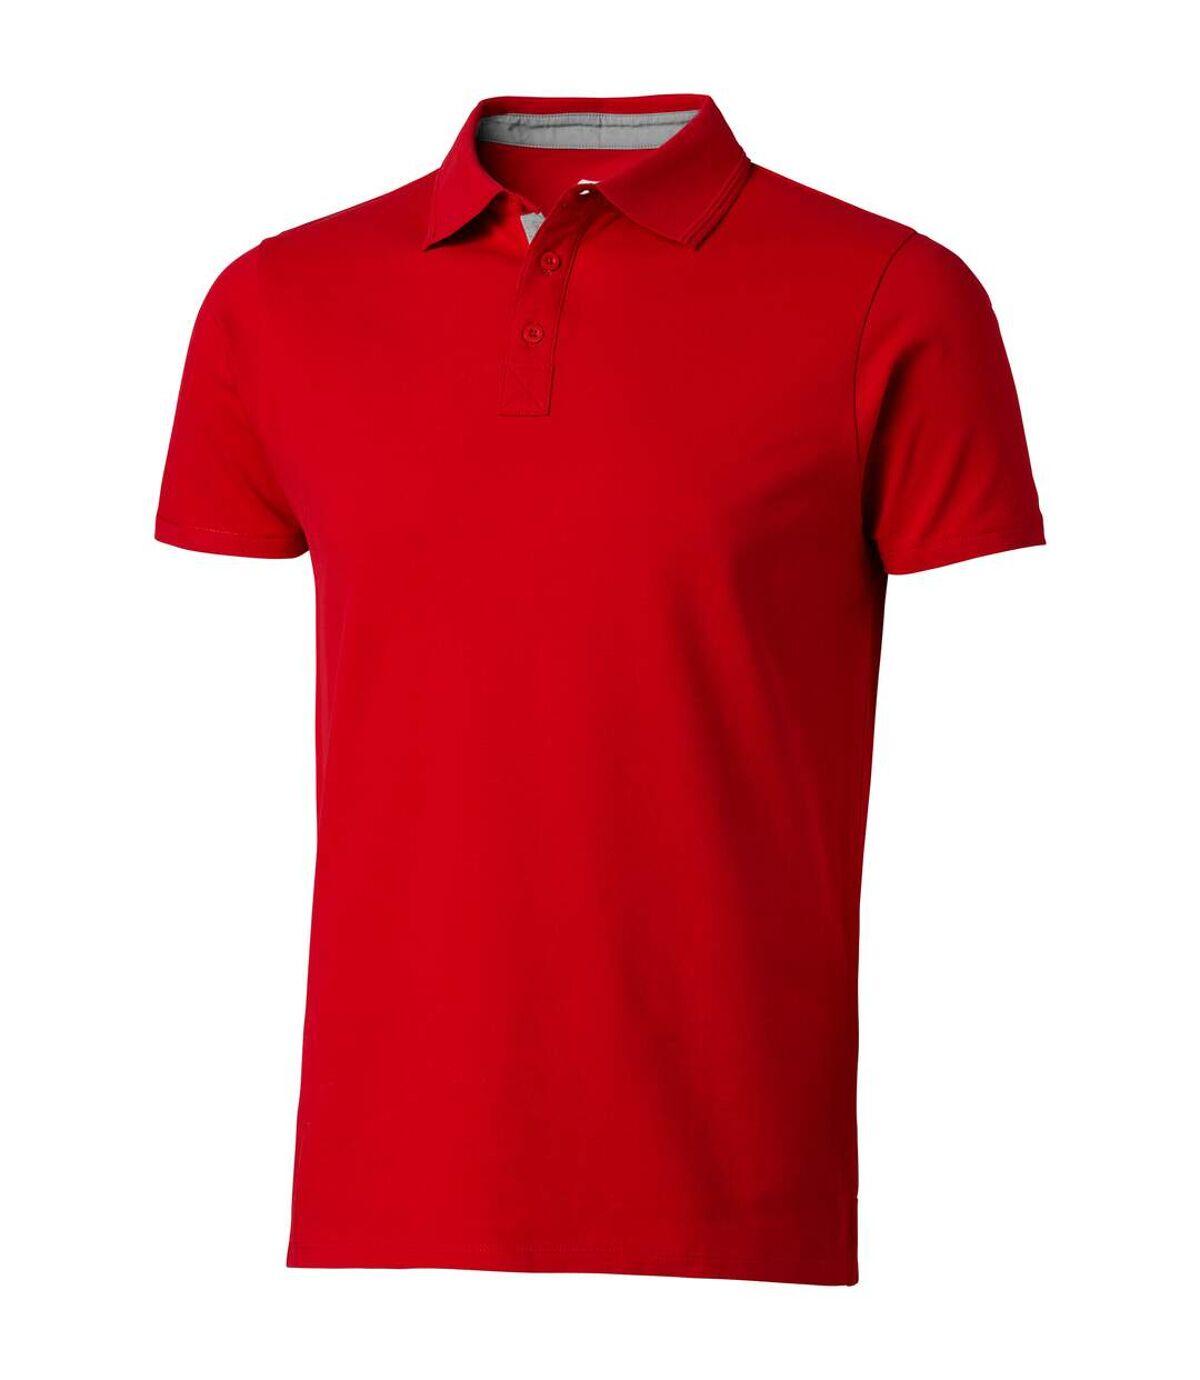 Slazenger Mens Hacker Short Sleeve Polo (Red) - UTPF1736